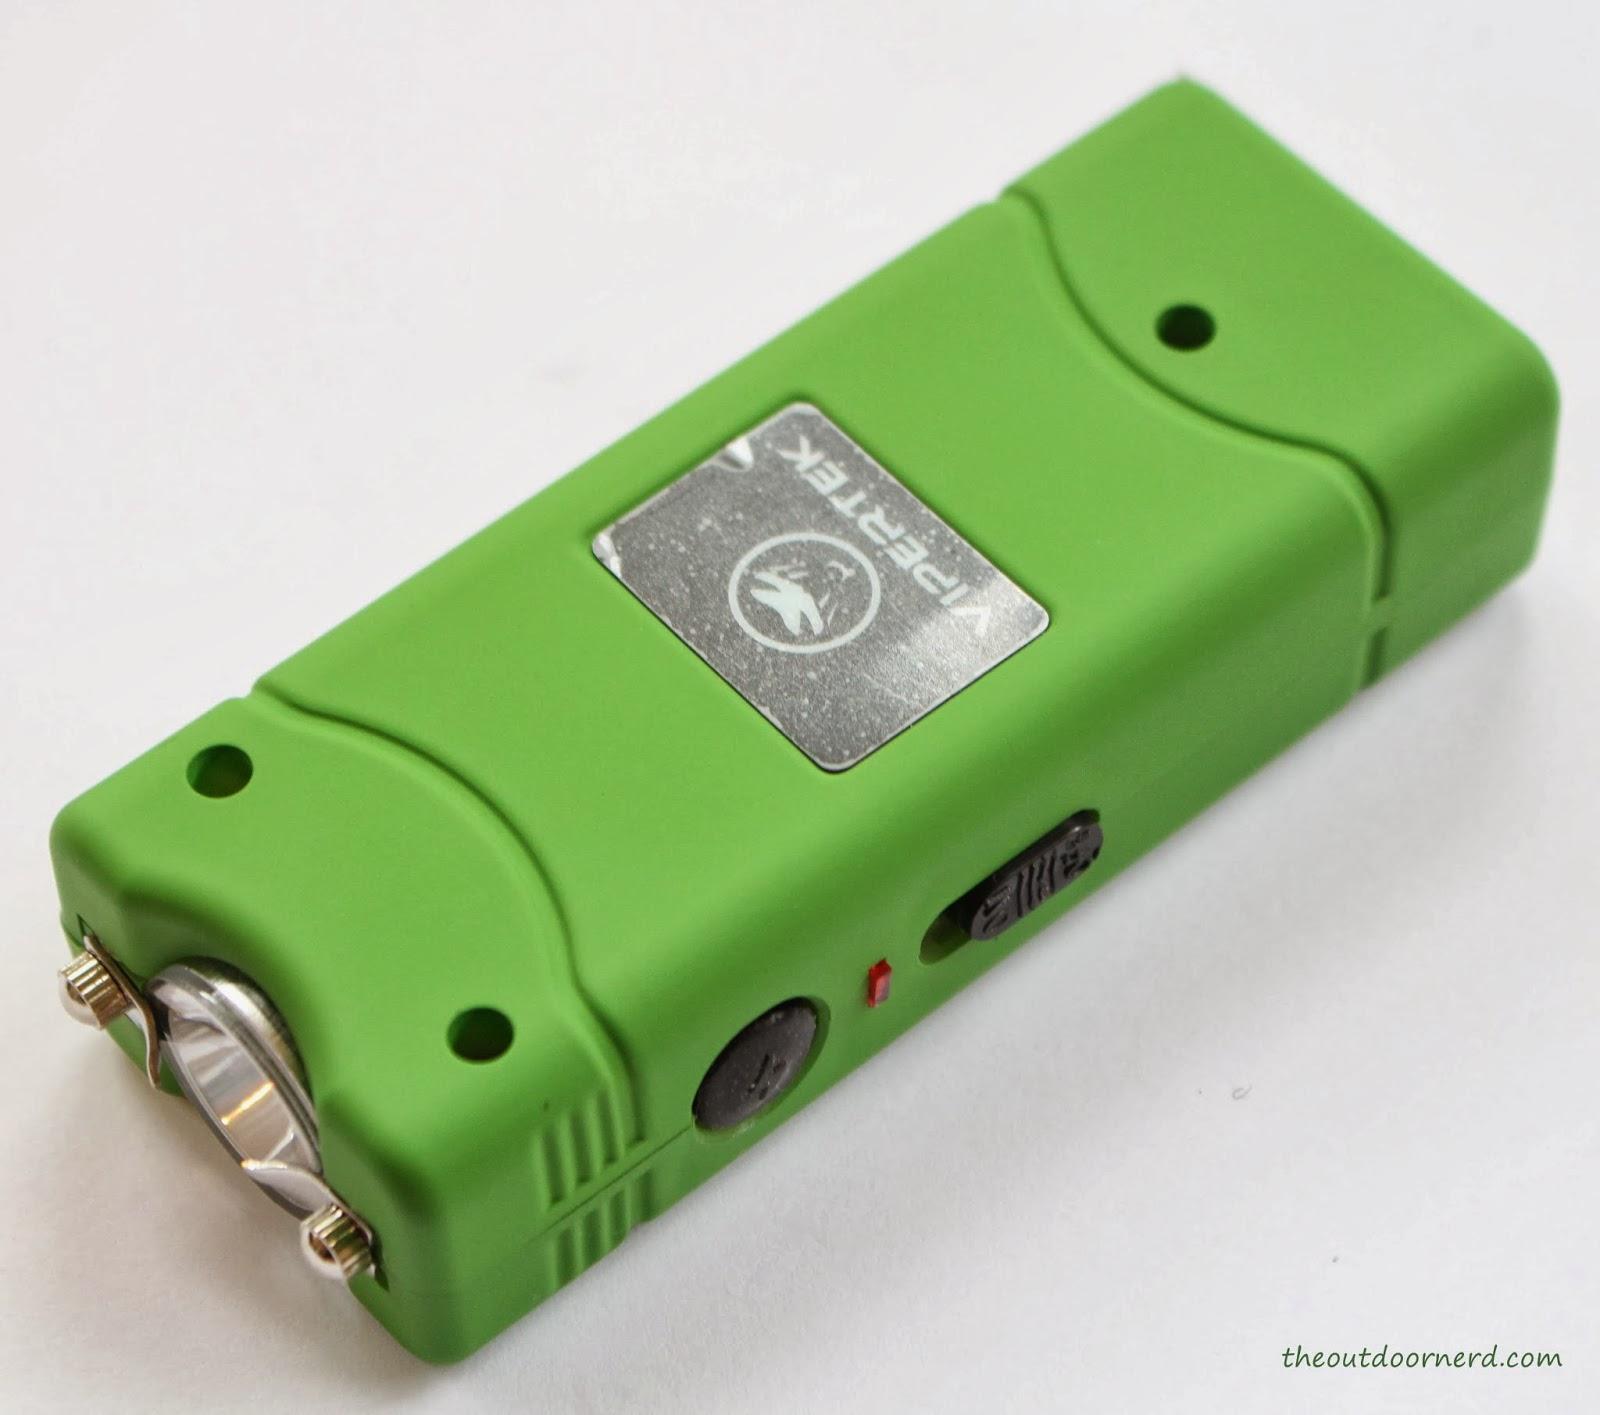 Vipertek VTS-881: Closeup Of Green Model